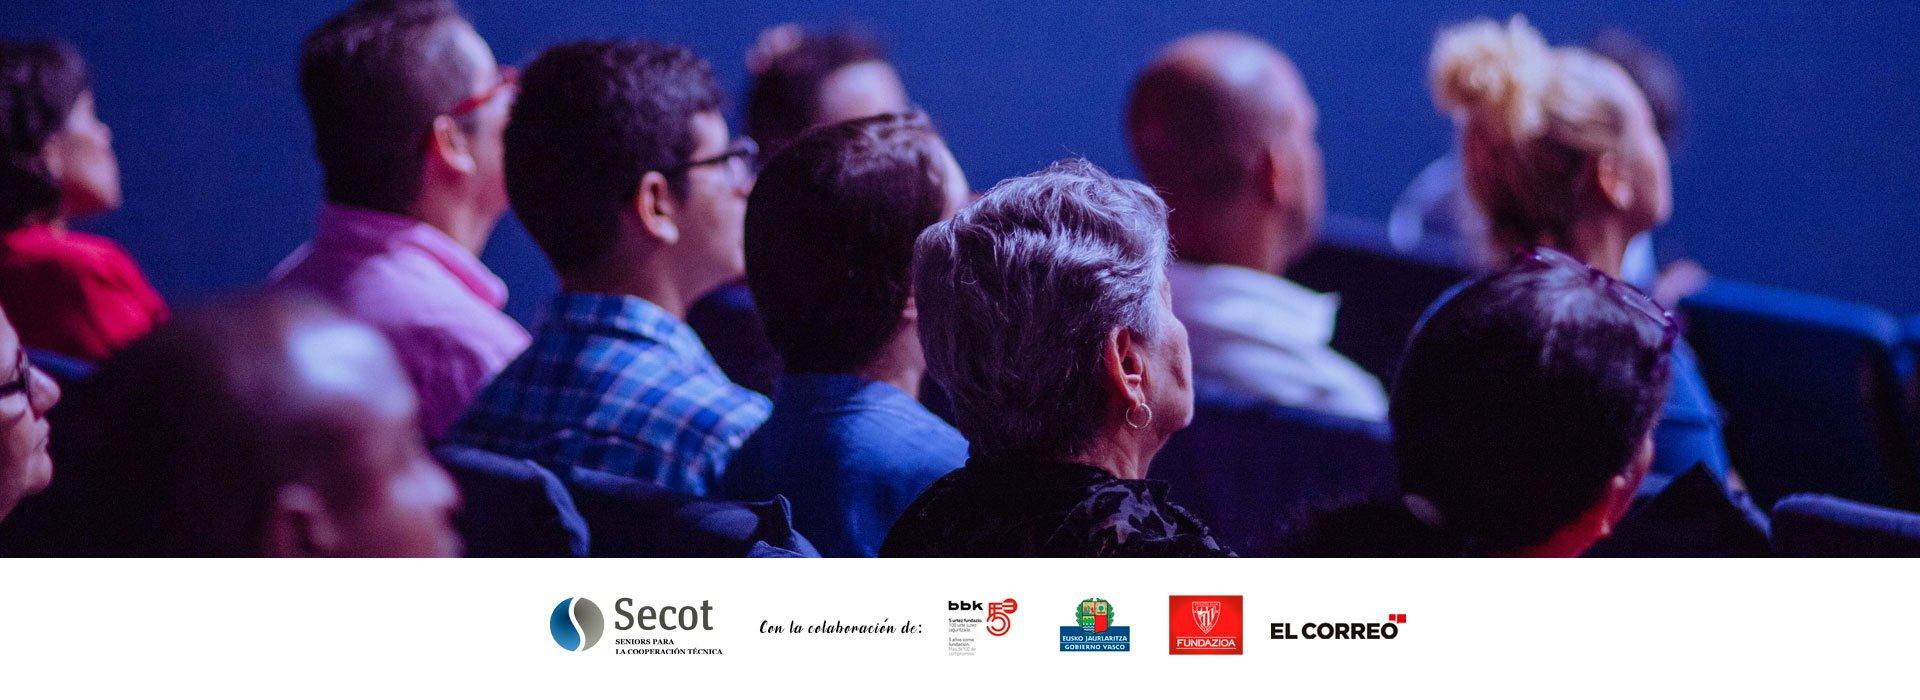 QUIERES SEGUIR INFORMÁNDOTE DE CONFERENCIAS Y EVENTOS